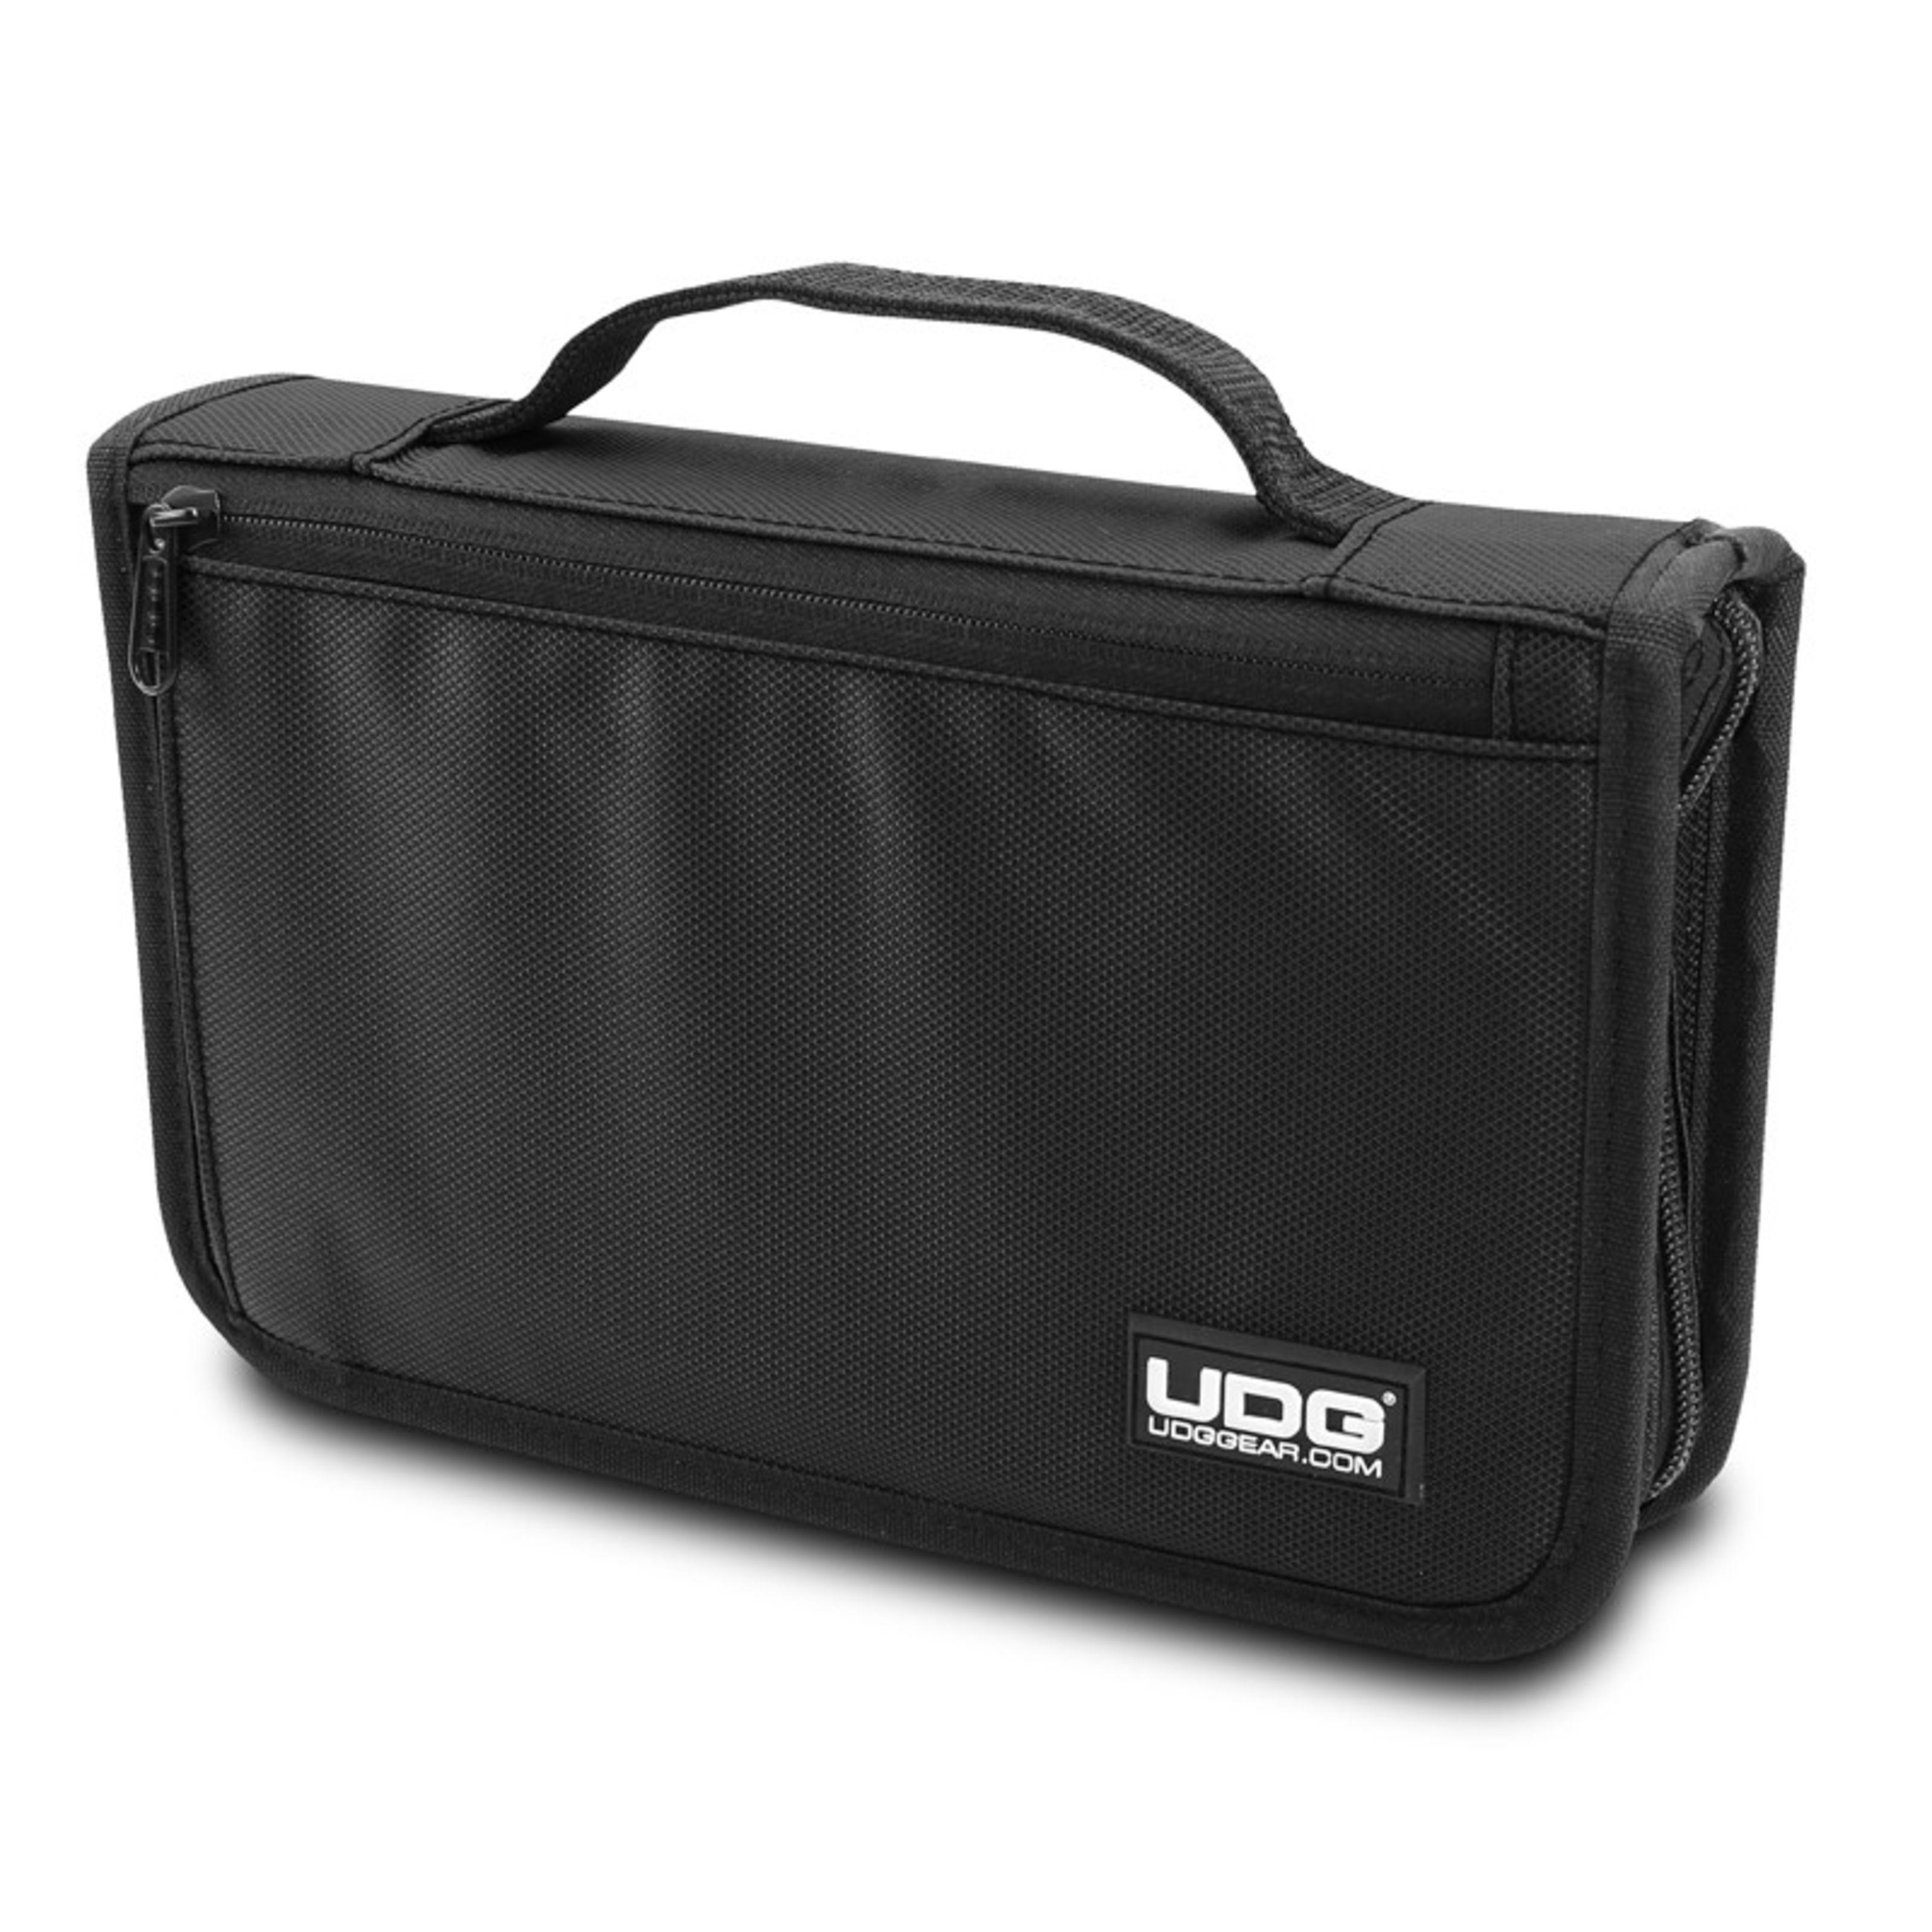 UDG - Digi Wallet Small Black/Orange (U9982BL/OR) 137825